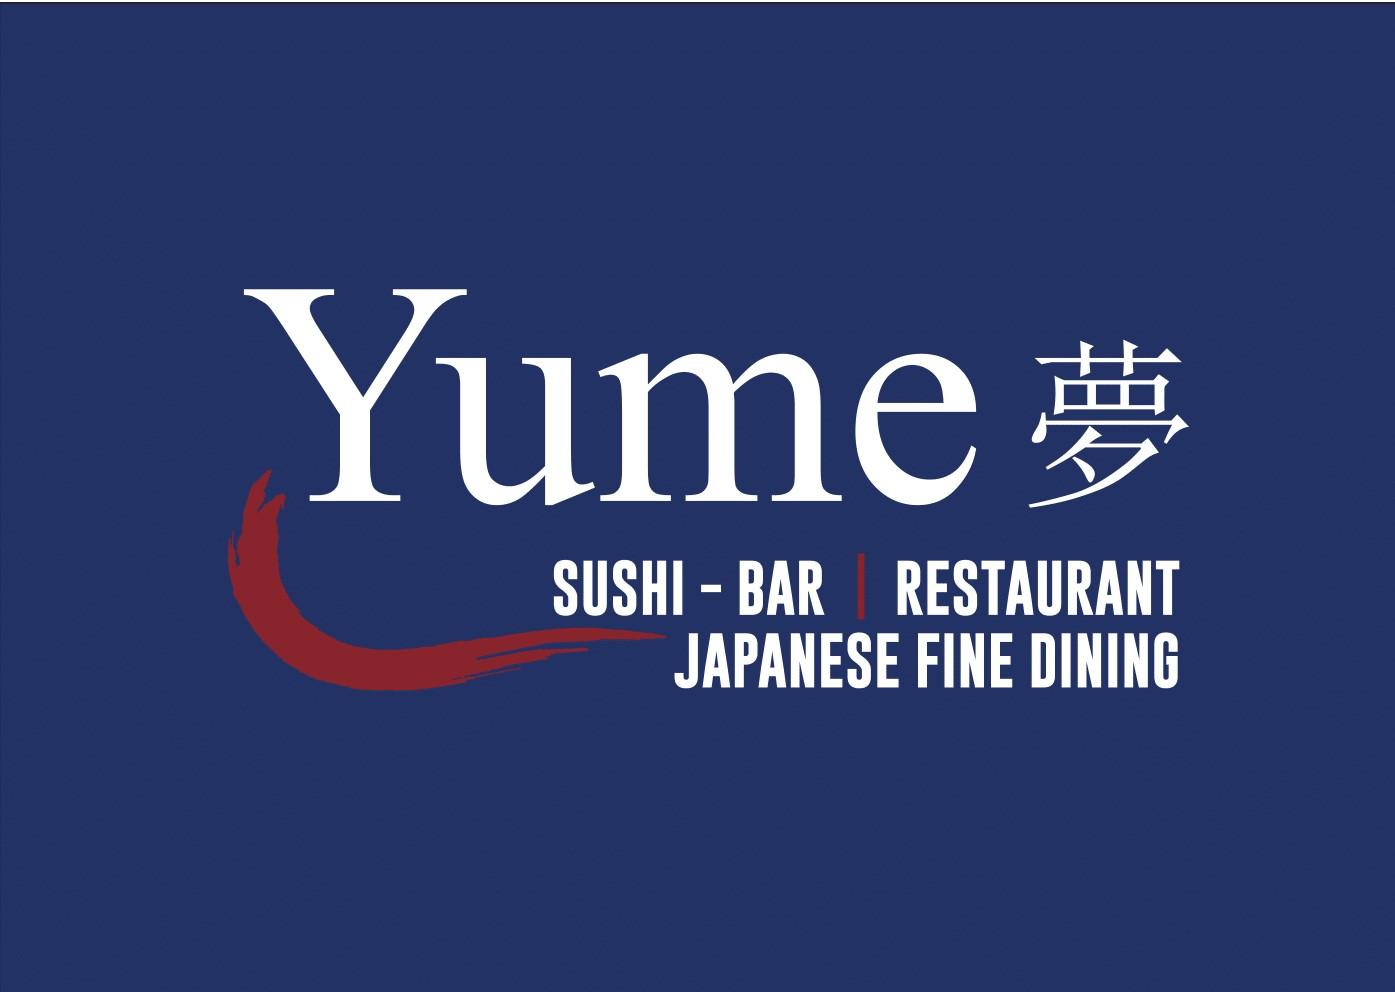 Yume-Sushi